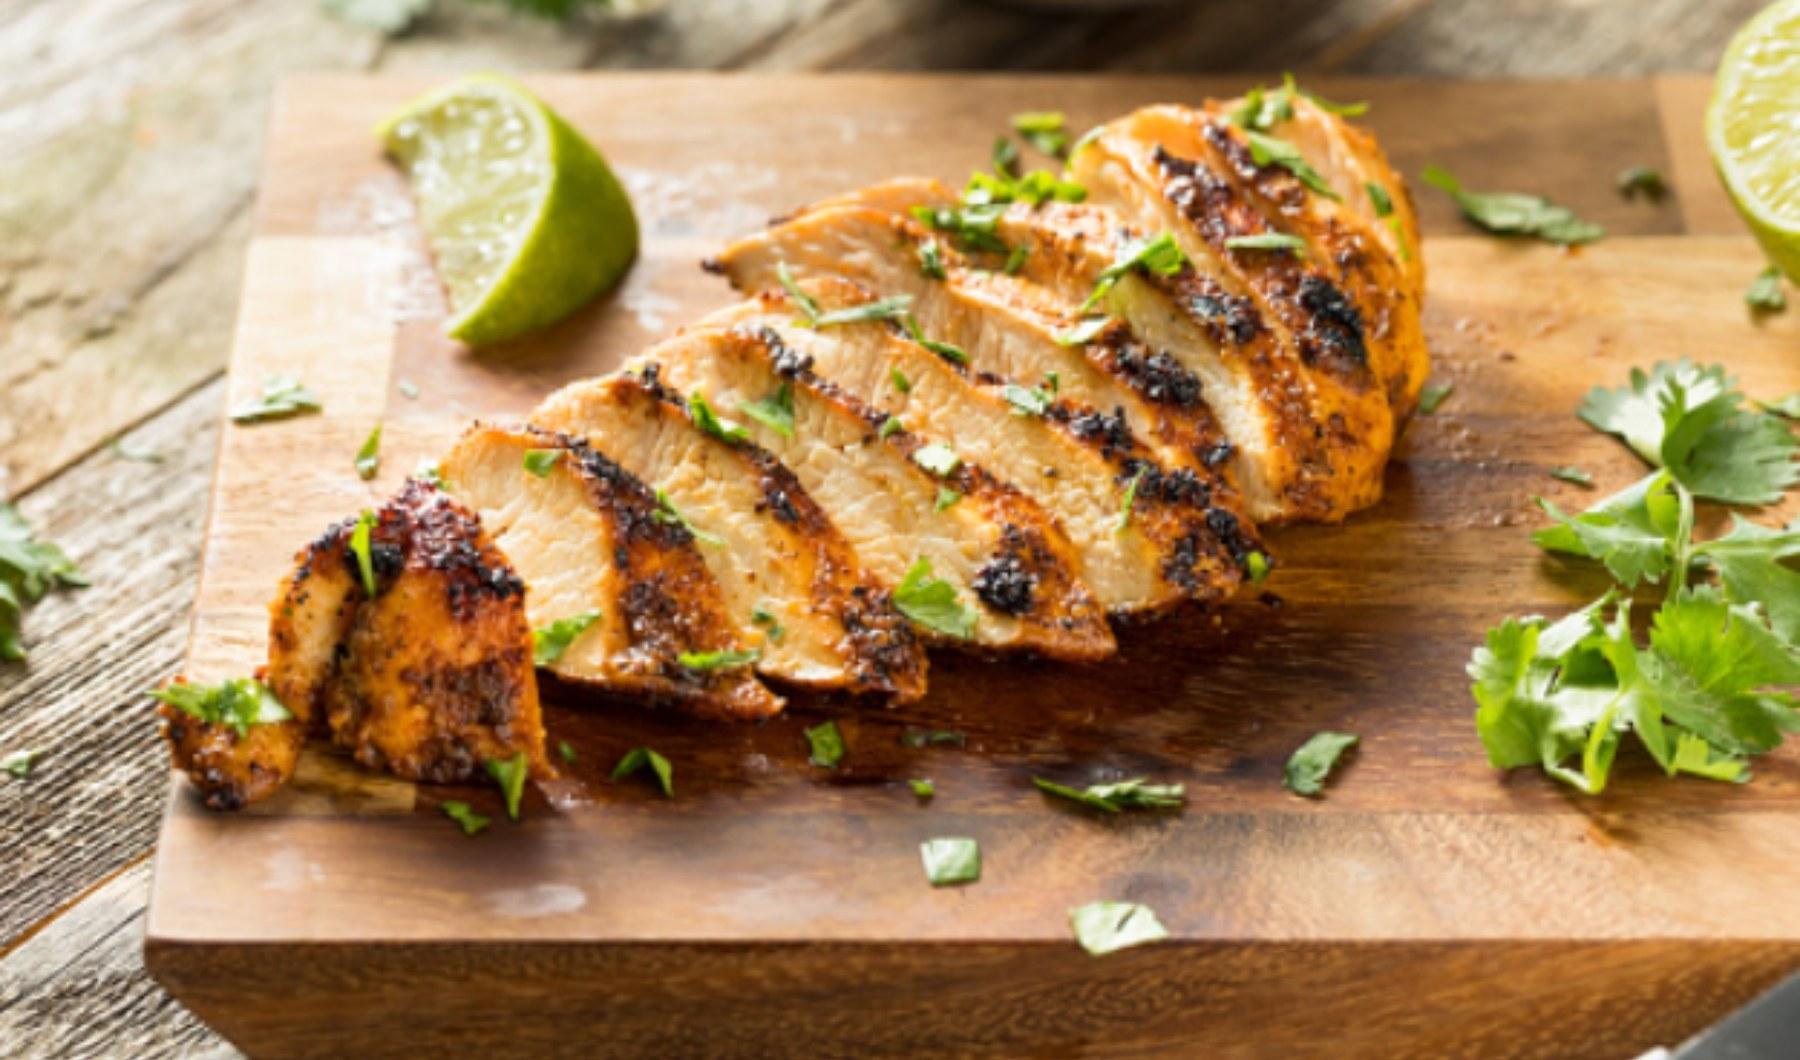 Pechugas de pollo al horno, receta saludable fácil de preparar